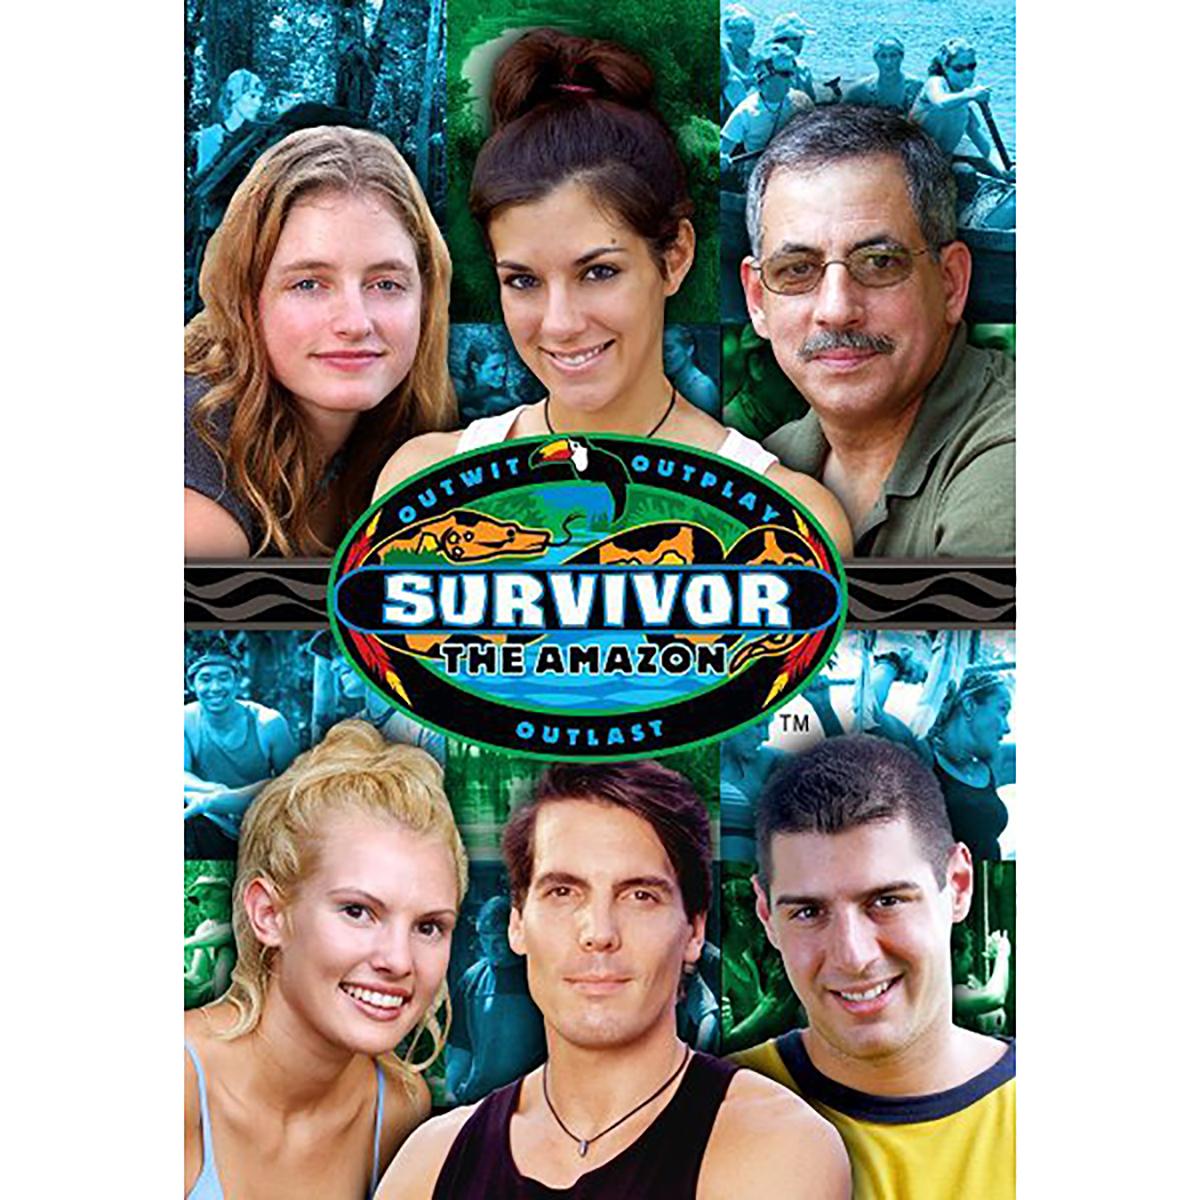 Survivor: Season 6 - The Amazon DVD